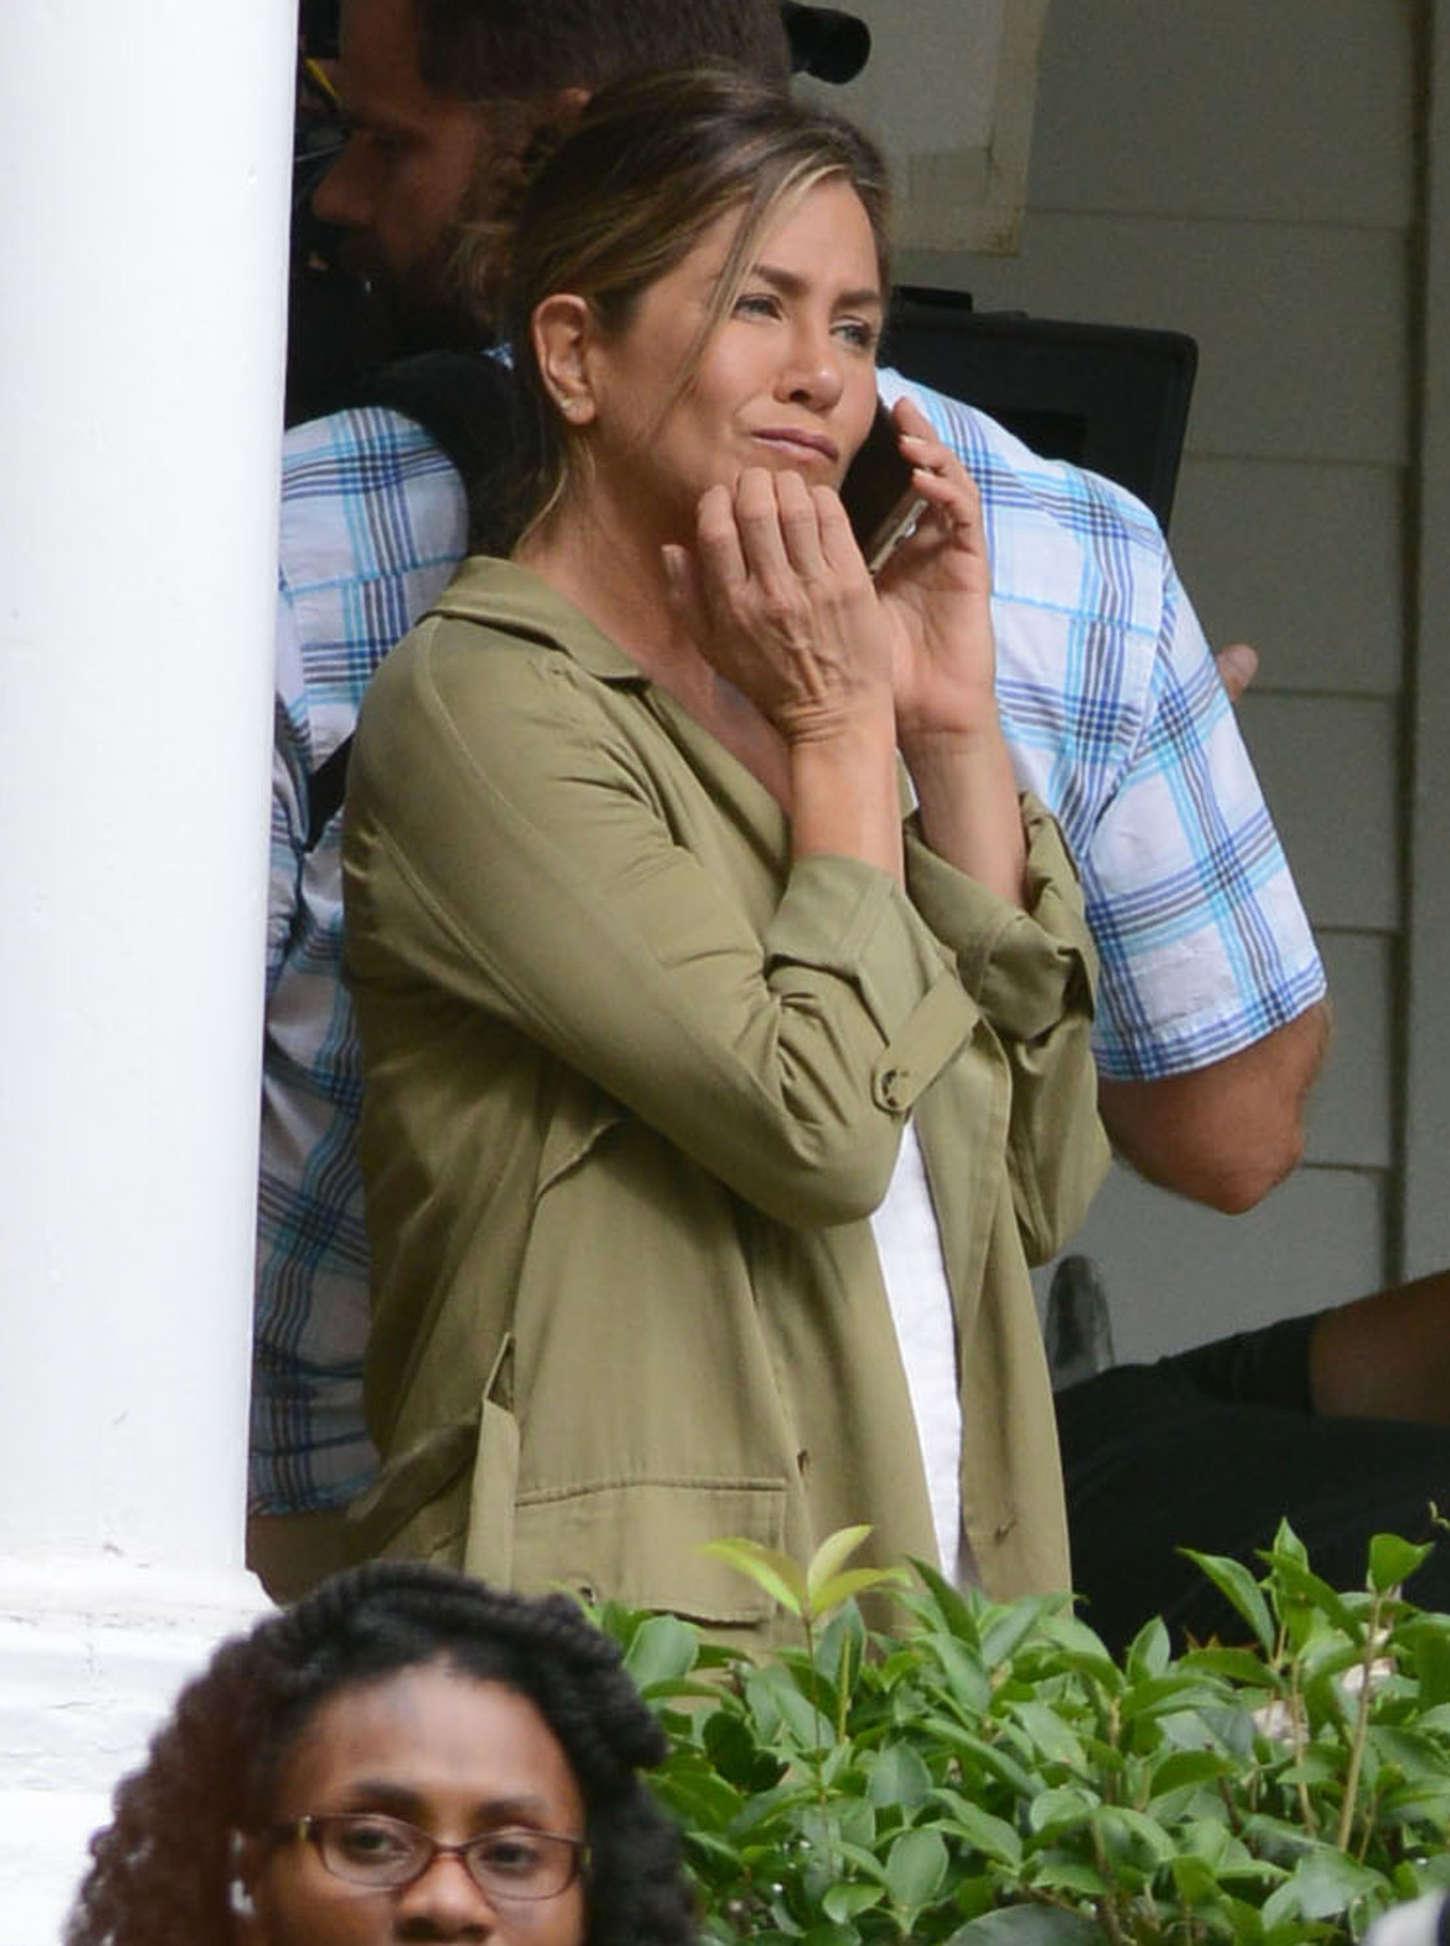 33. Jennifer Aniston